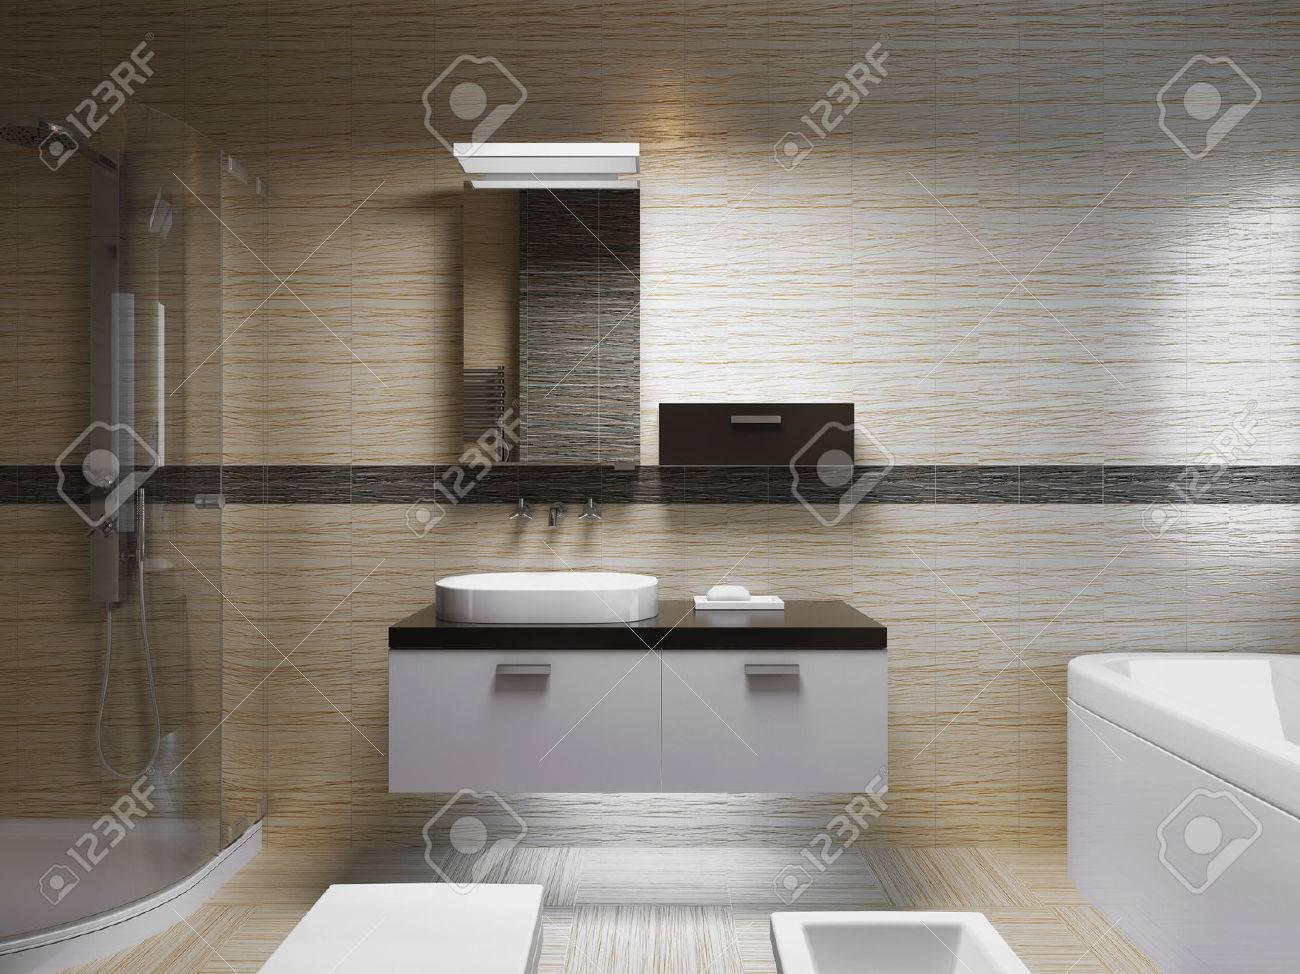 Schöne Badezimmer Interieur, Abendlicht. Vorderansicht Der An Wanne ...